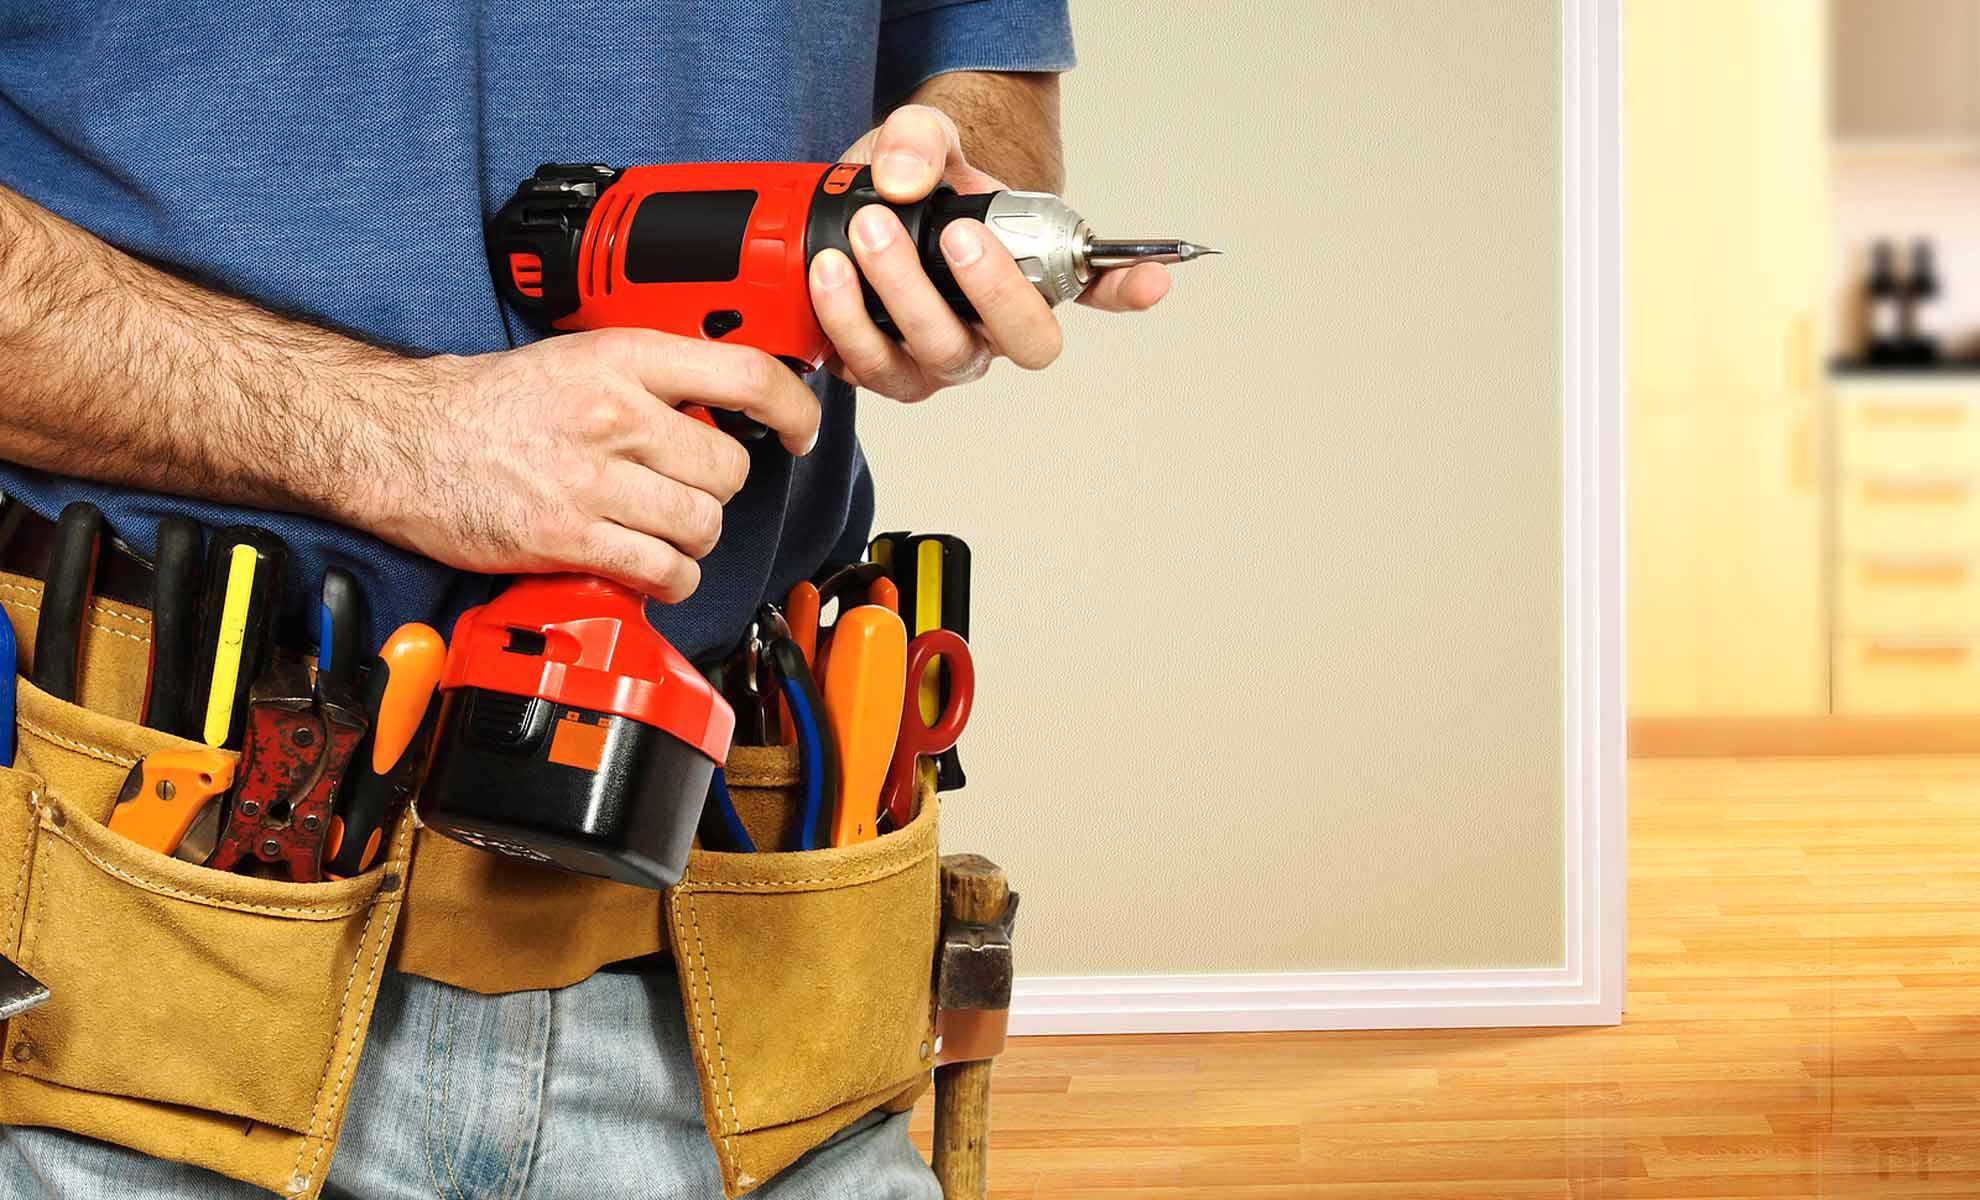 Xem ngày tốt xấu sửa chữa nhà cửa trong tháng